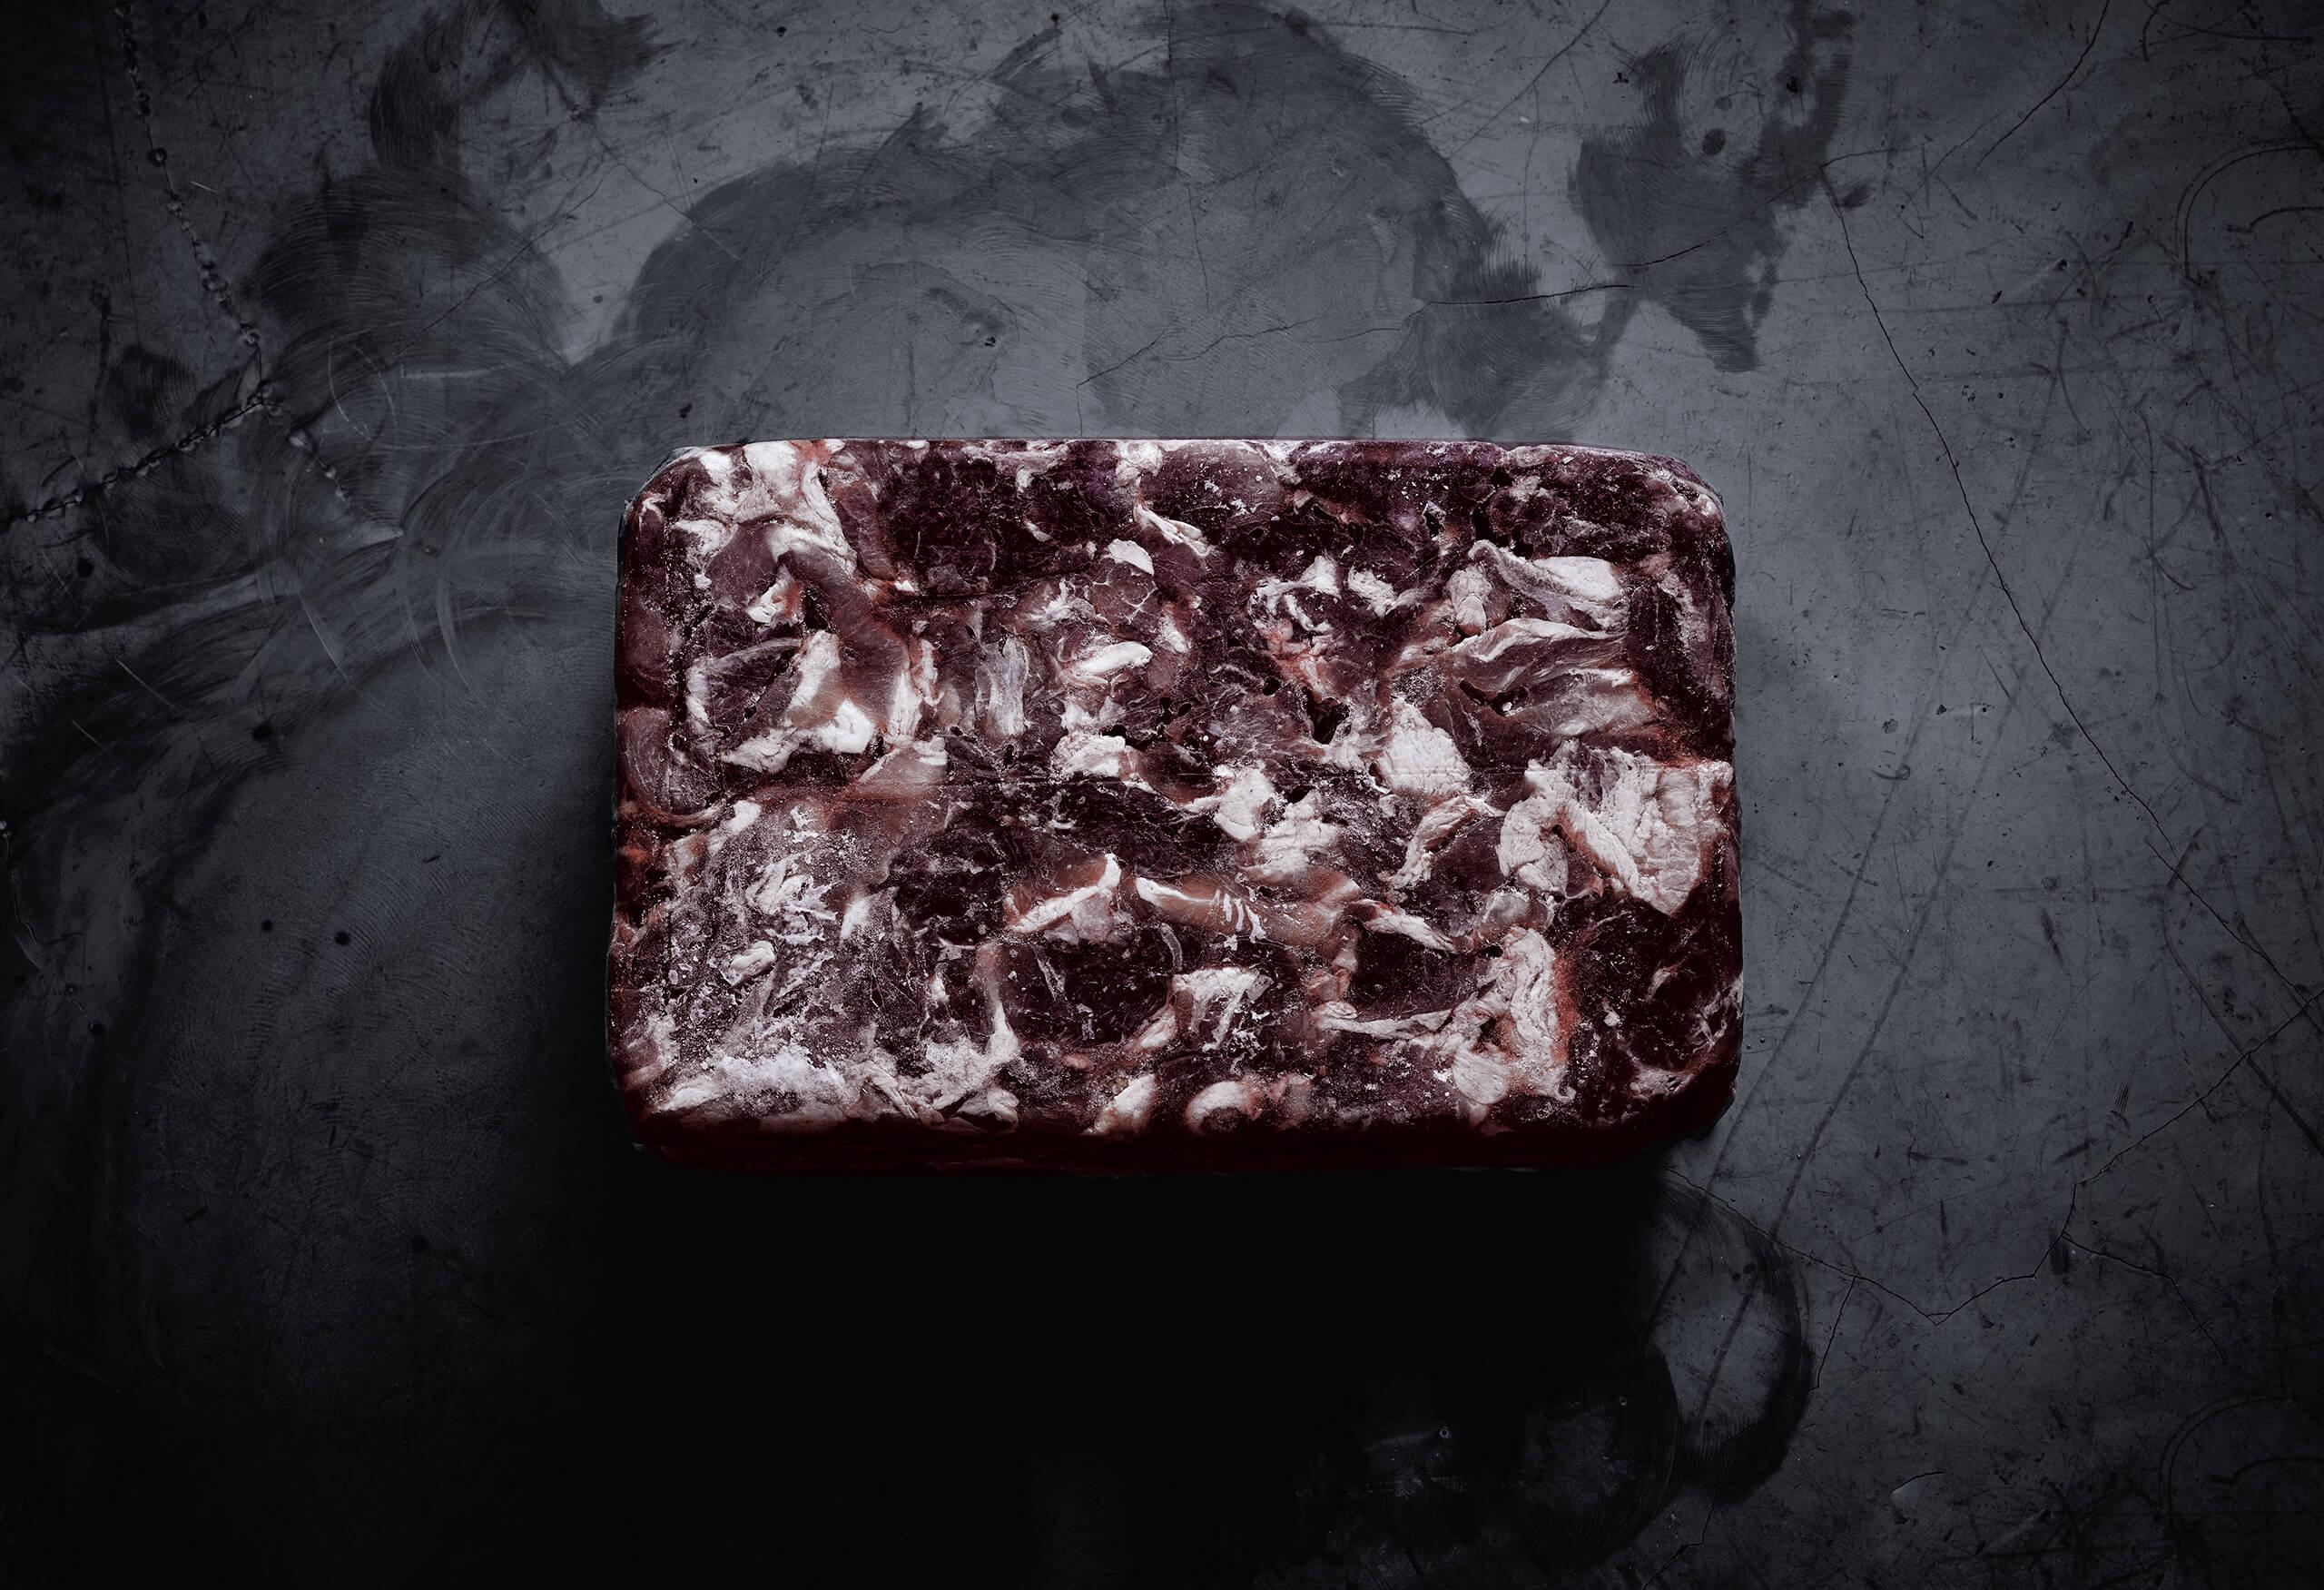 Ref Laska 10 Fleisch